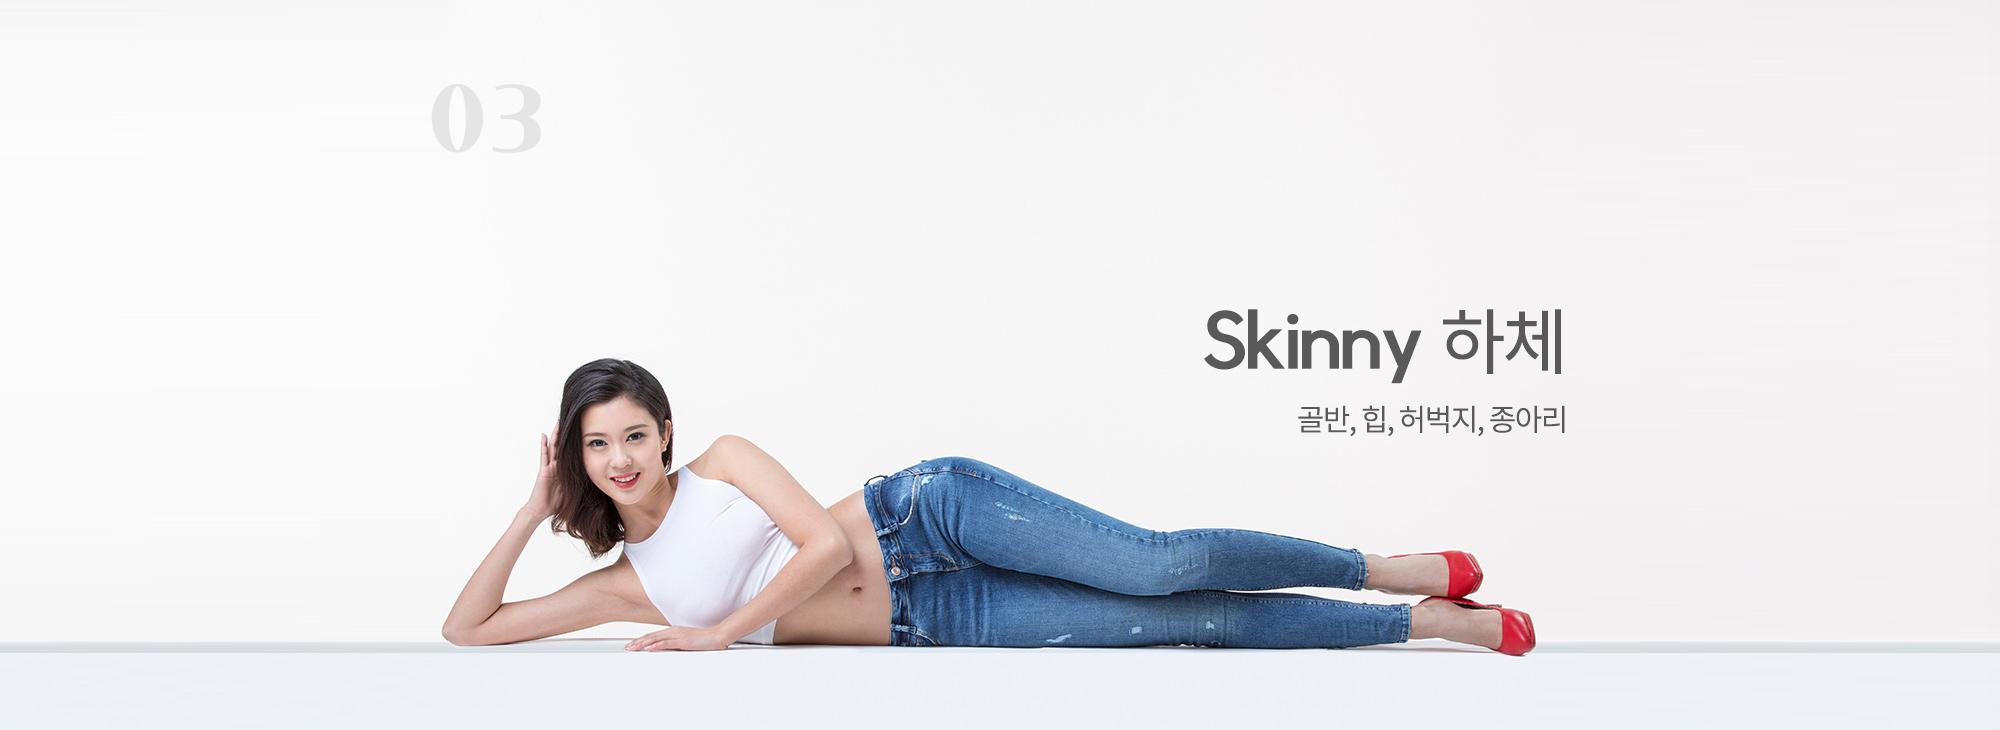 Skinny 하체